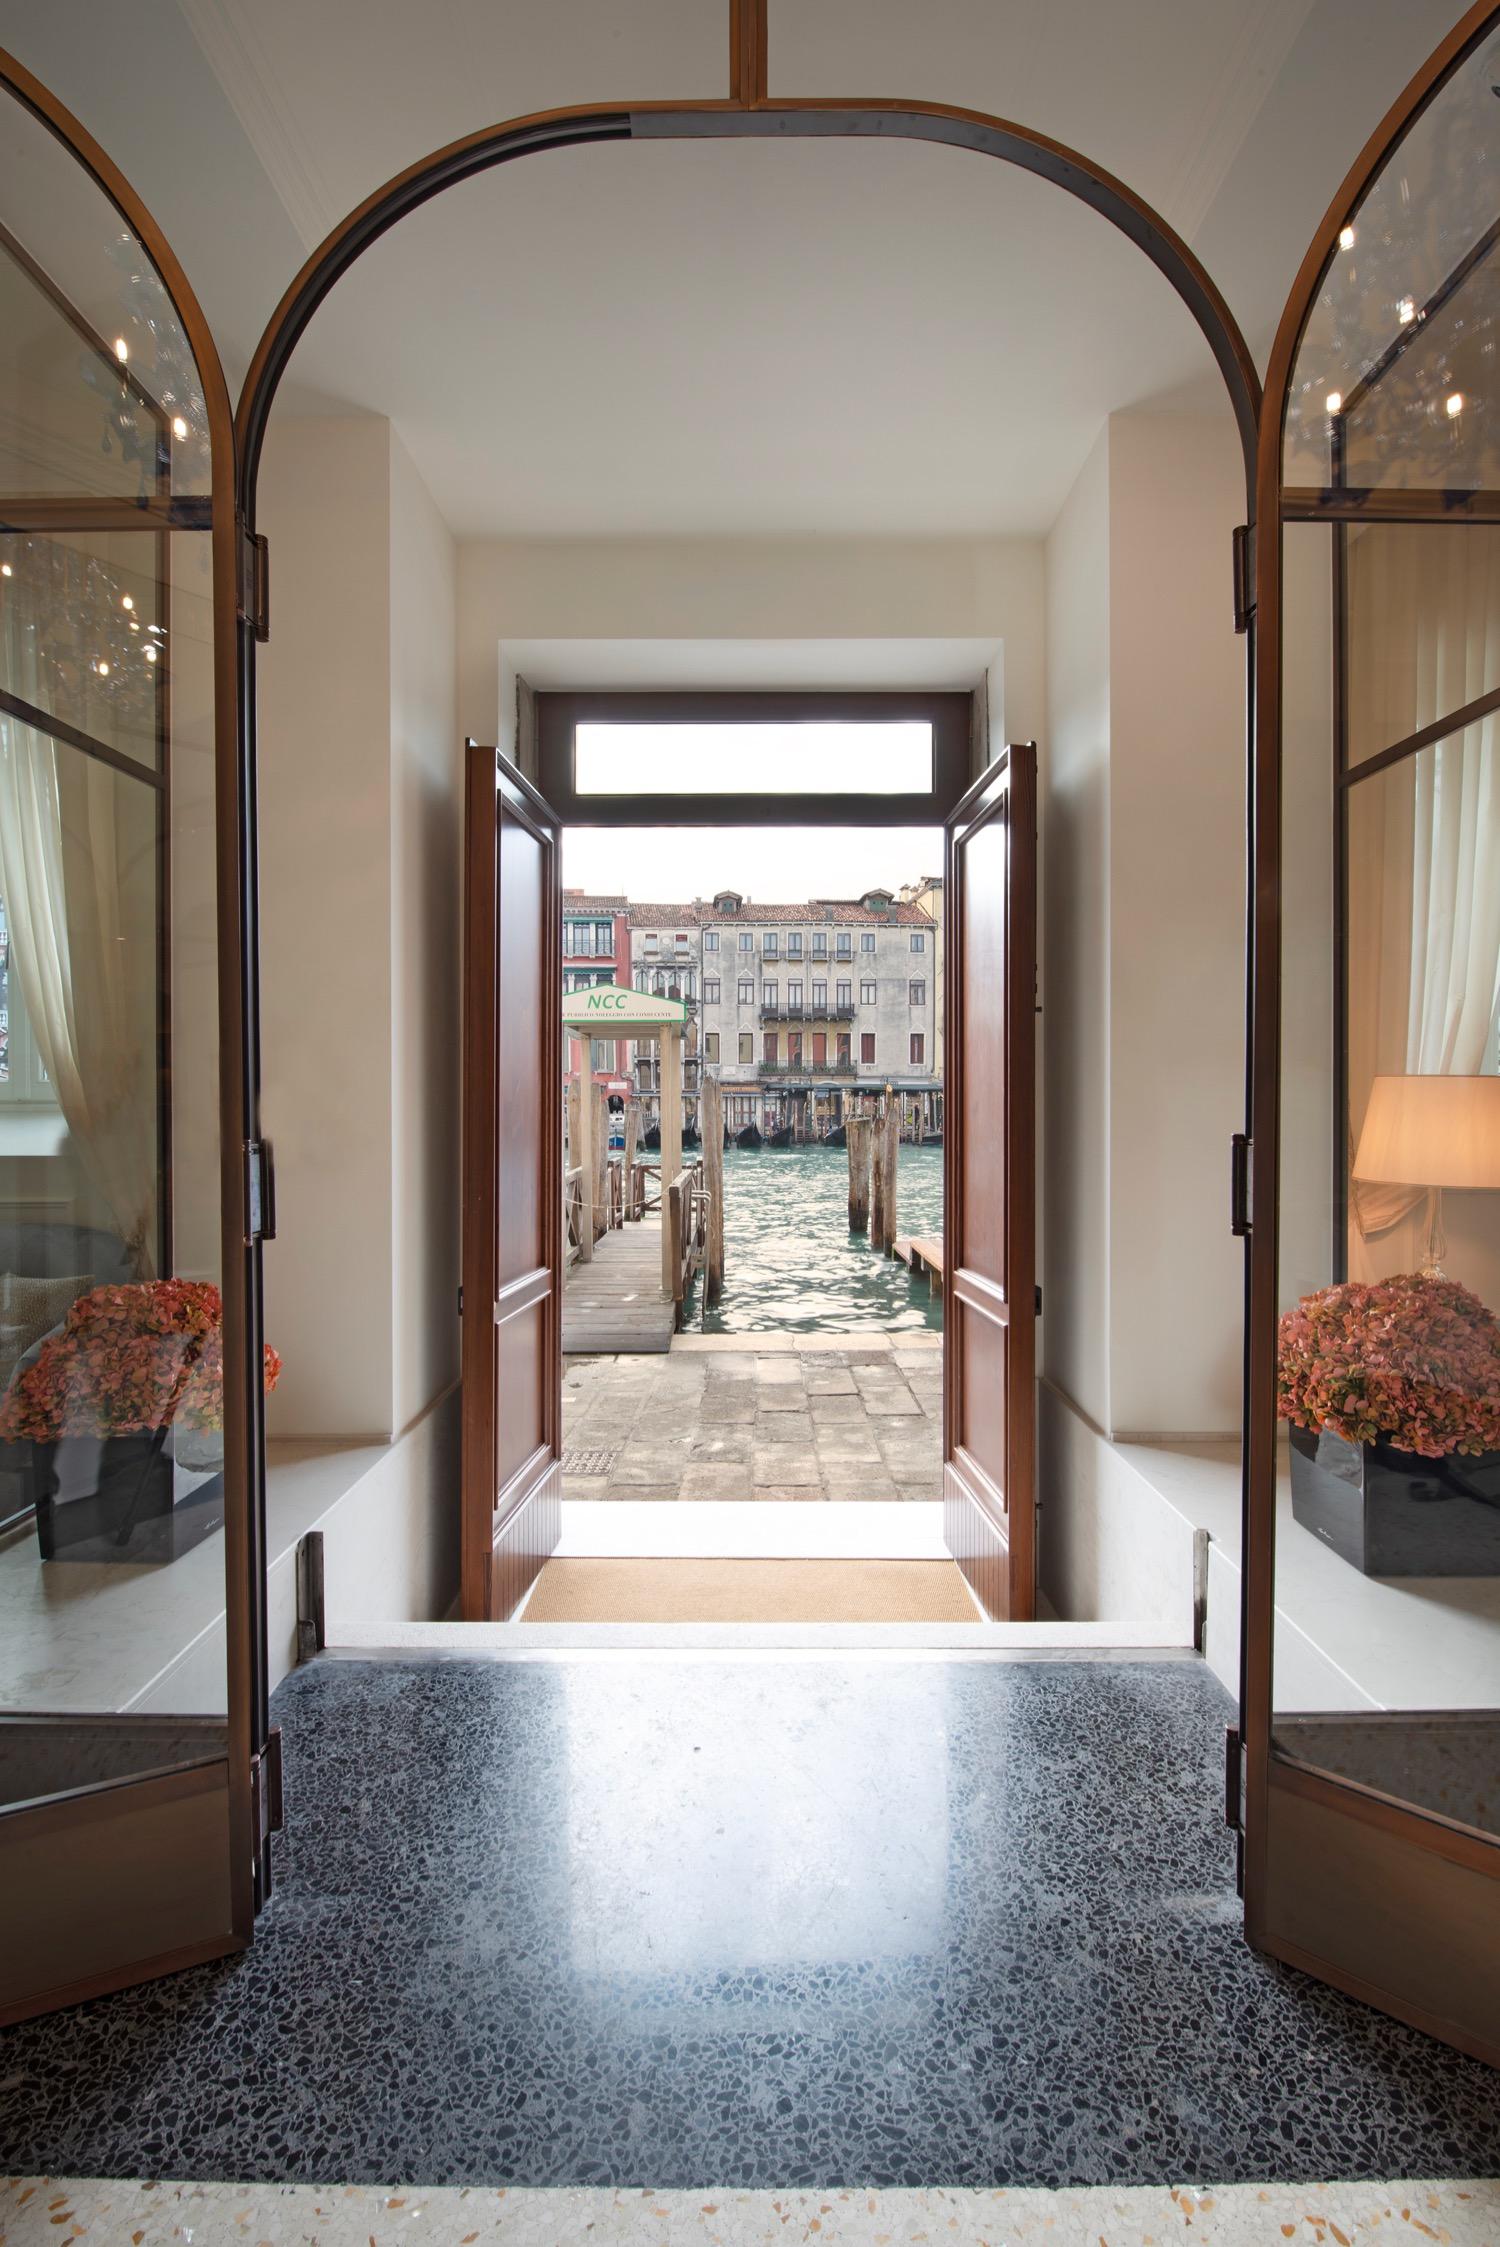 New To Venice – H10 Palazzo Canova